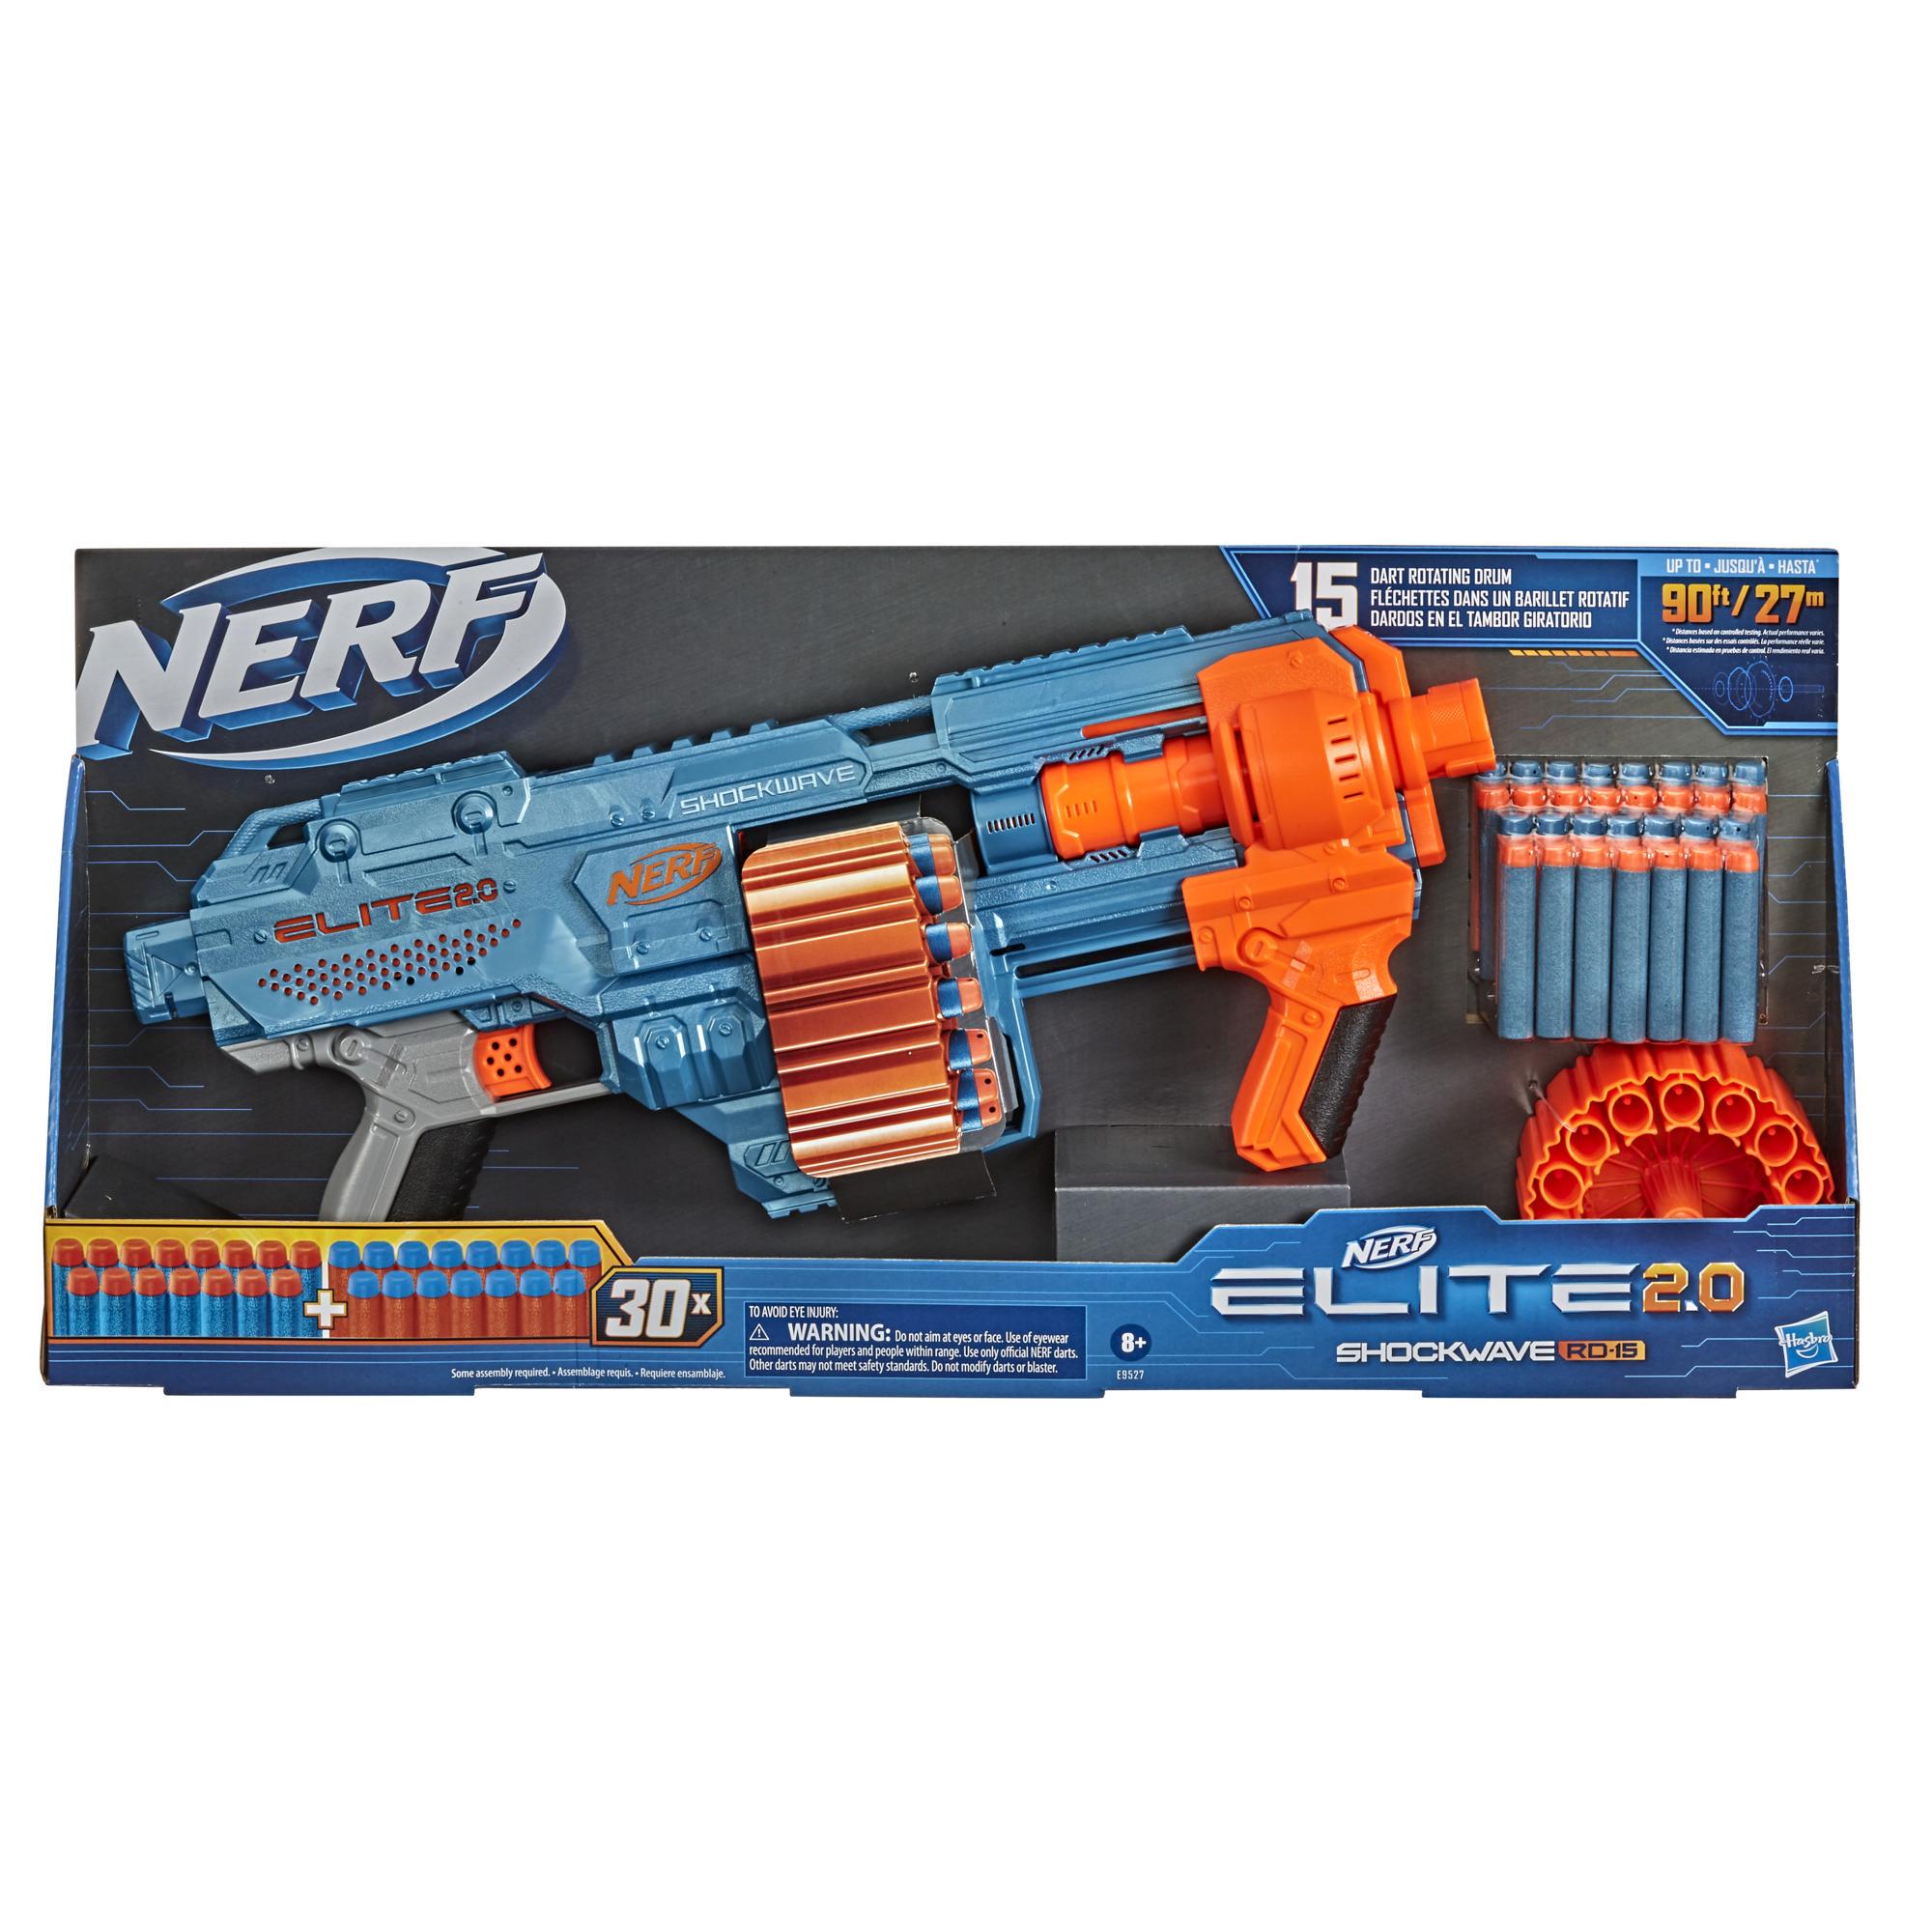 Nerf Elite 2.0 Shockwave RD-15 kilövő, 30Nerf lövedék, 15lövedékes forgótár, gyorstüzelés, testreszabási lehetőségek